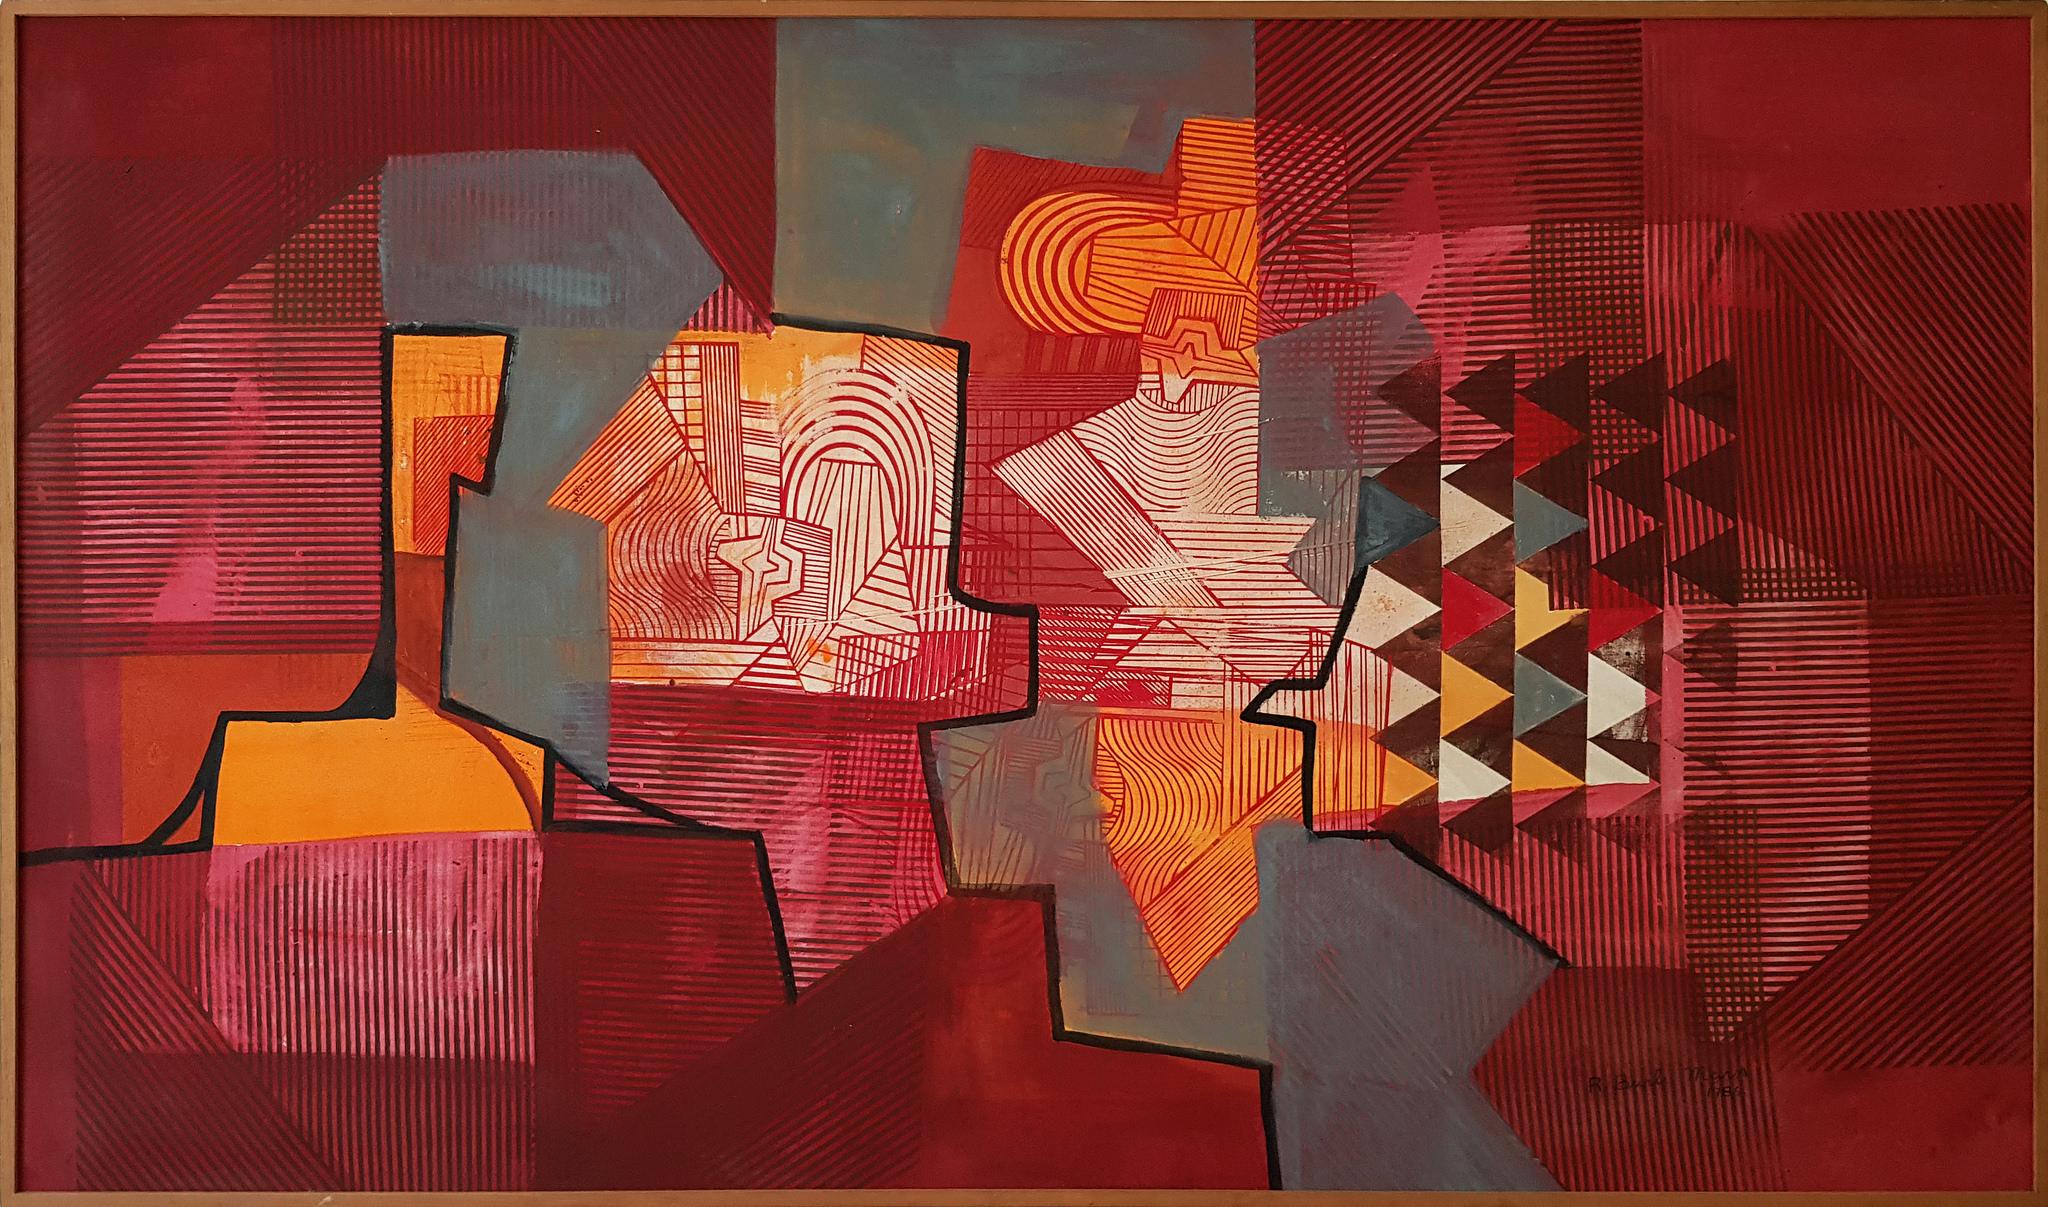 Roberto Burle Marx, Sin título,1986, tinta gráfica sobre lona, 110 x 186 cm © Hilda Araujo Escritório de Arte